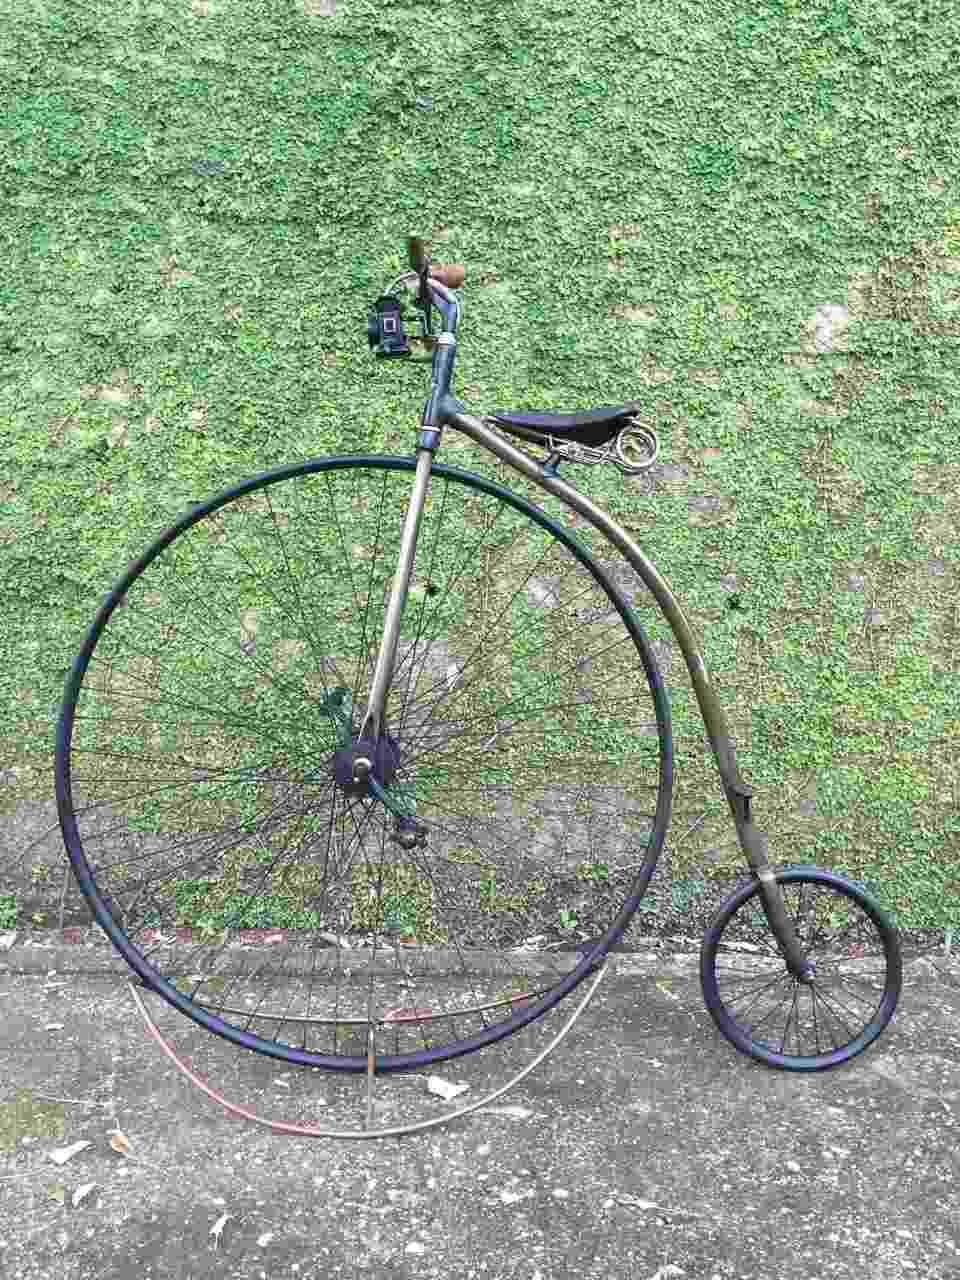 Biciclo Ariel Museu de Motos de Tiradentes (MG) - Divulgação